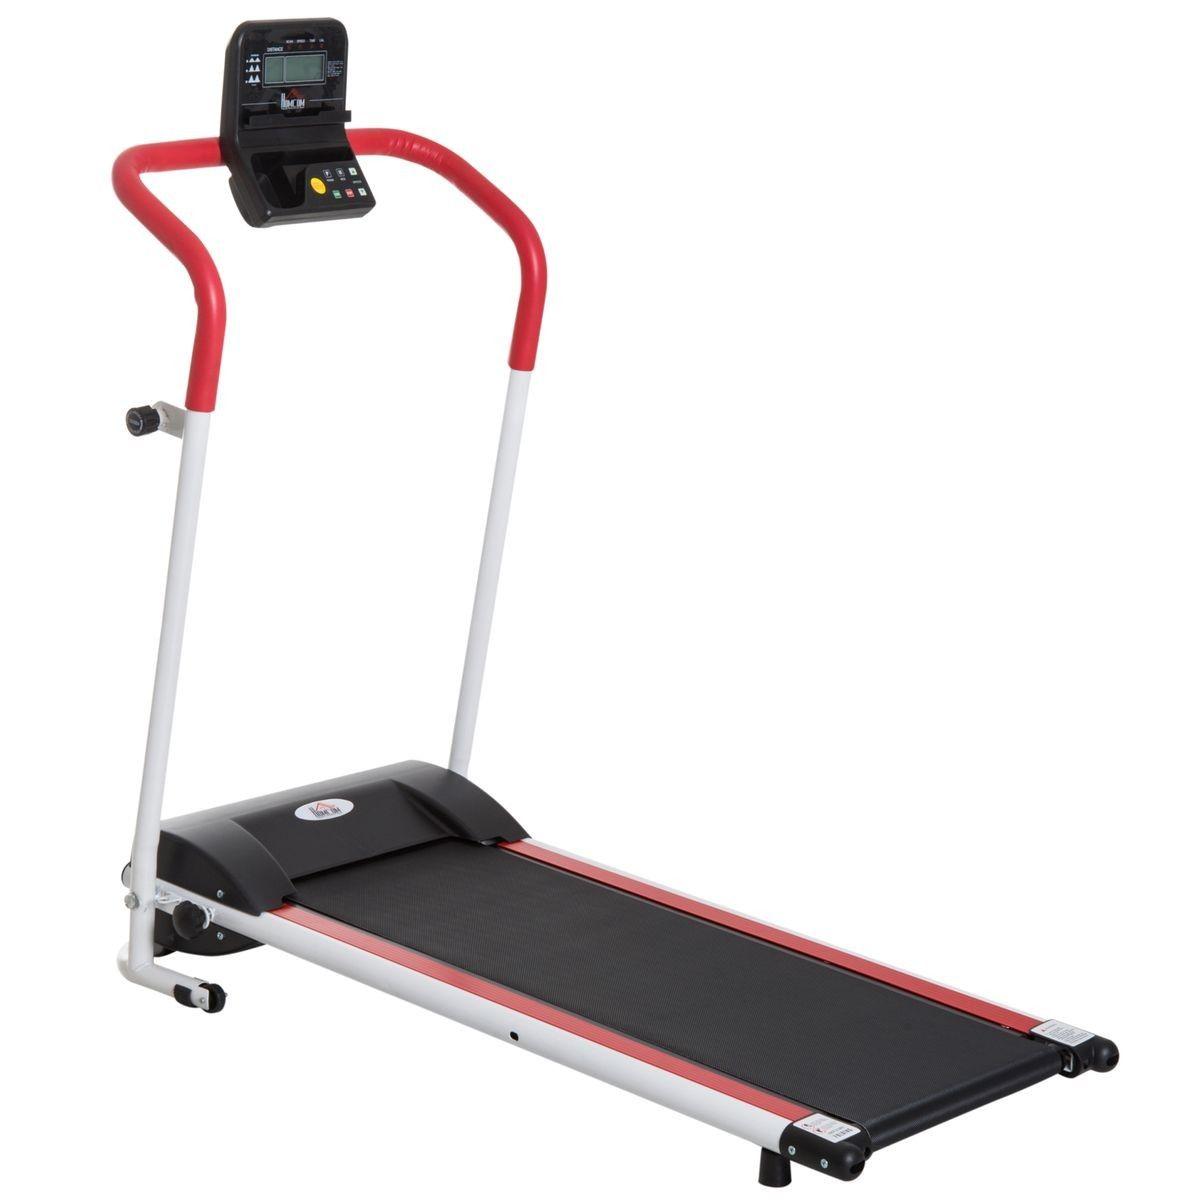 Tapis Roulant Electrique De Course Pliable 1 10 Km H Rouge Appareil Fitness Tapis Roulant Et Plate Forme Vibrante